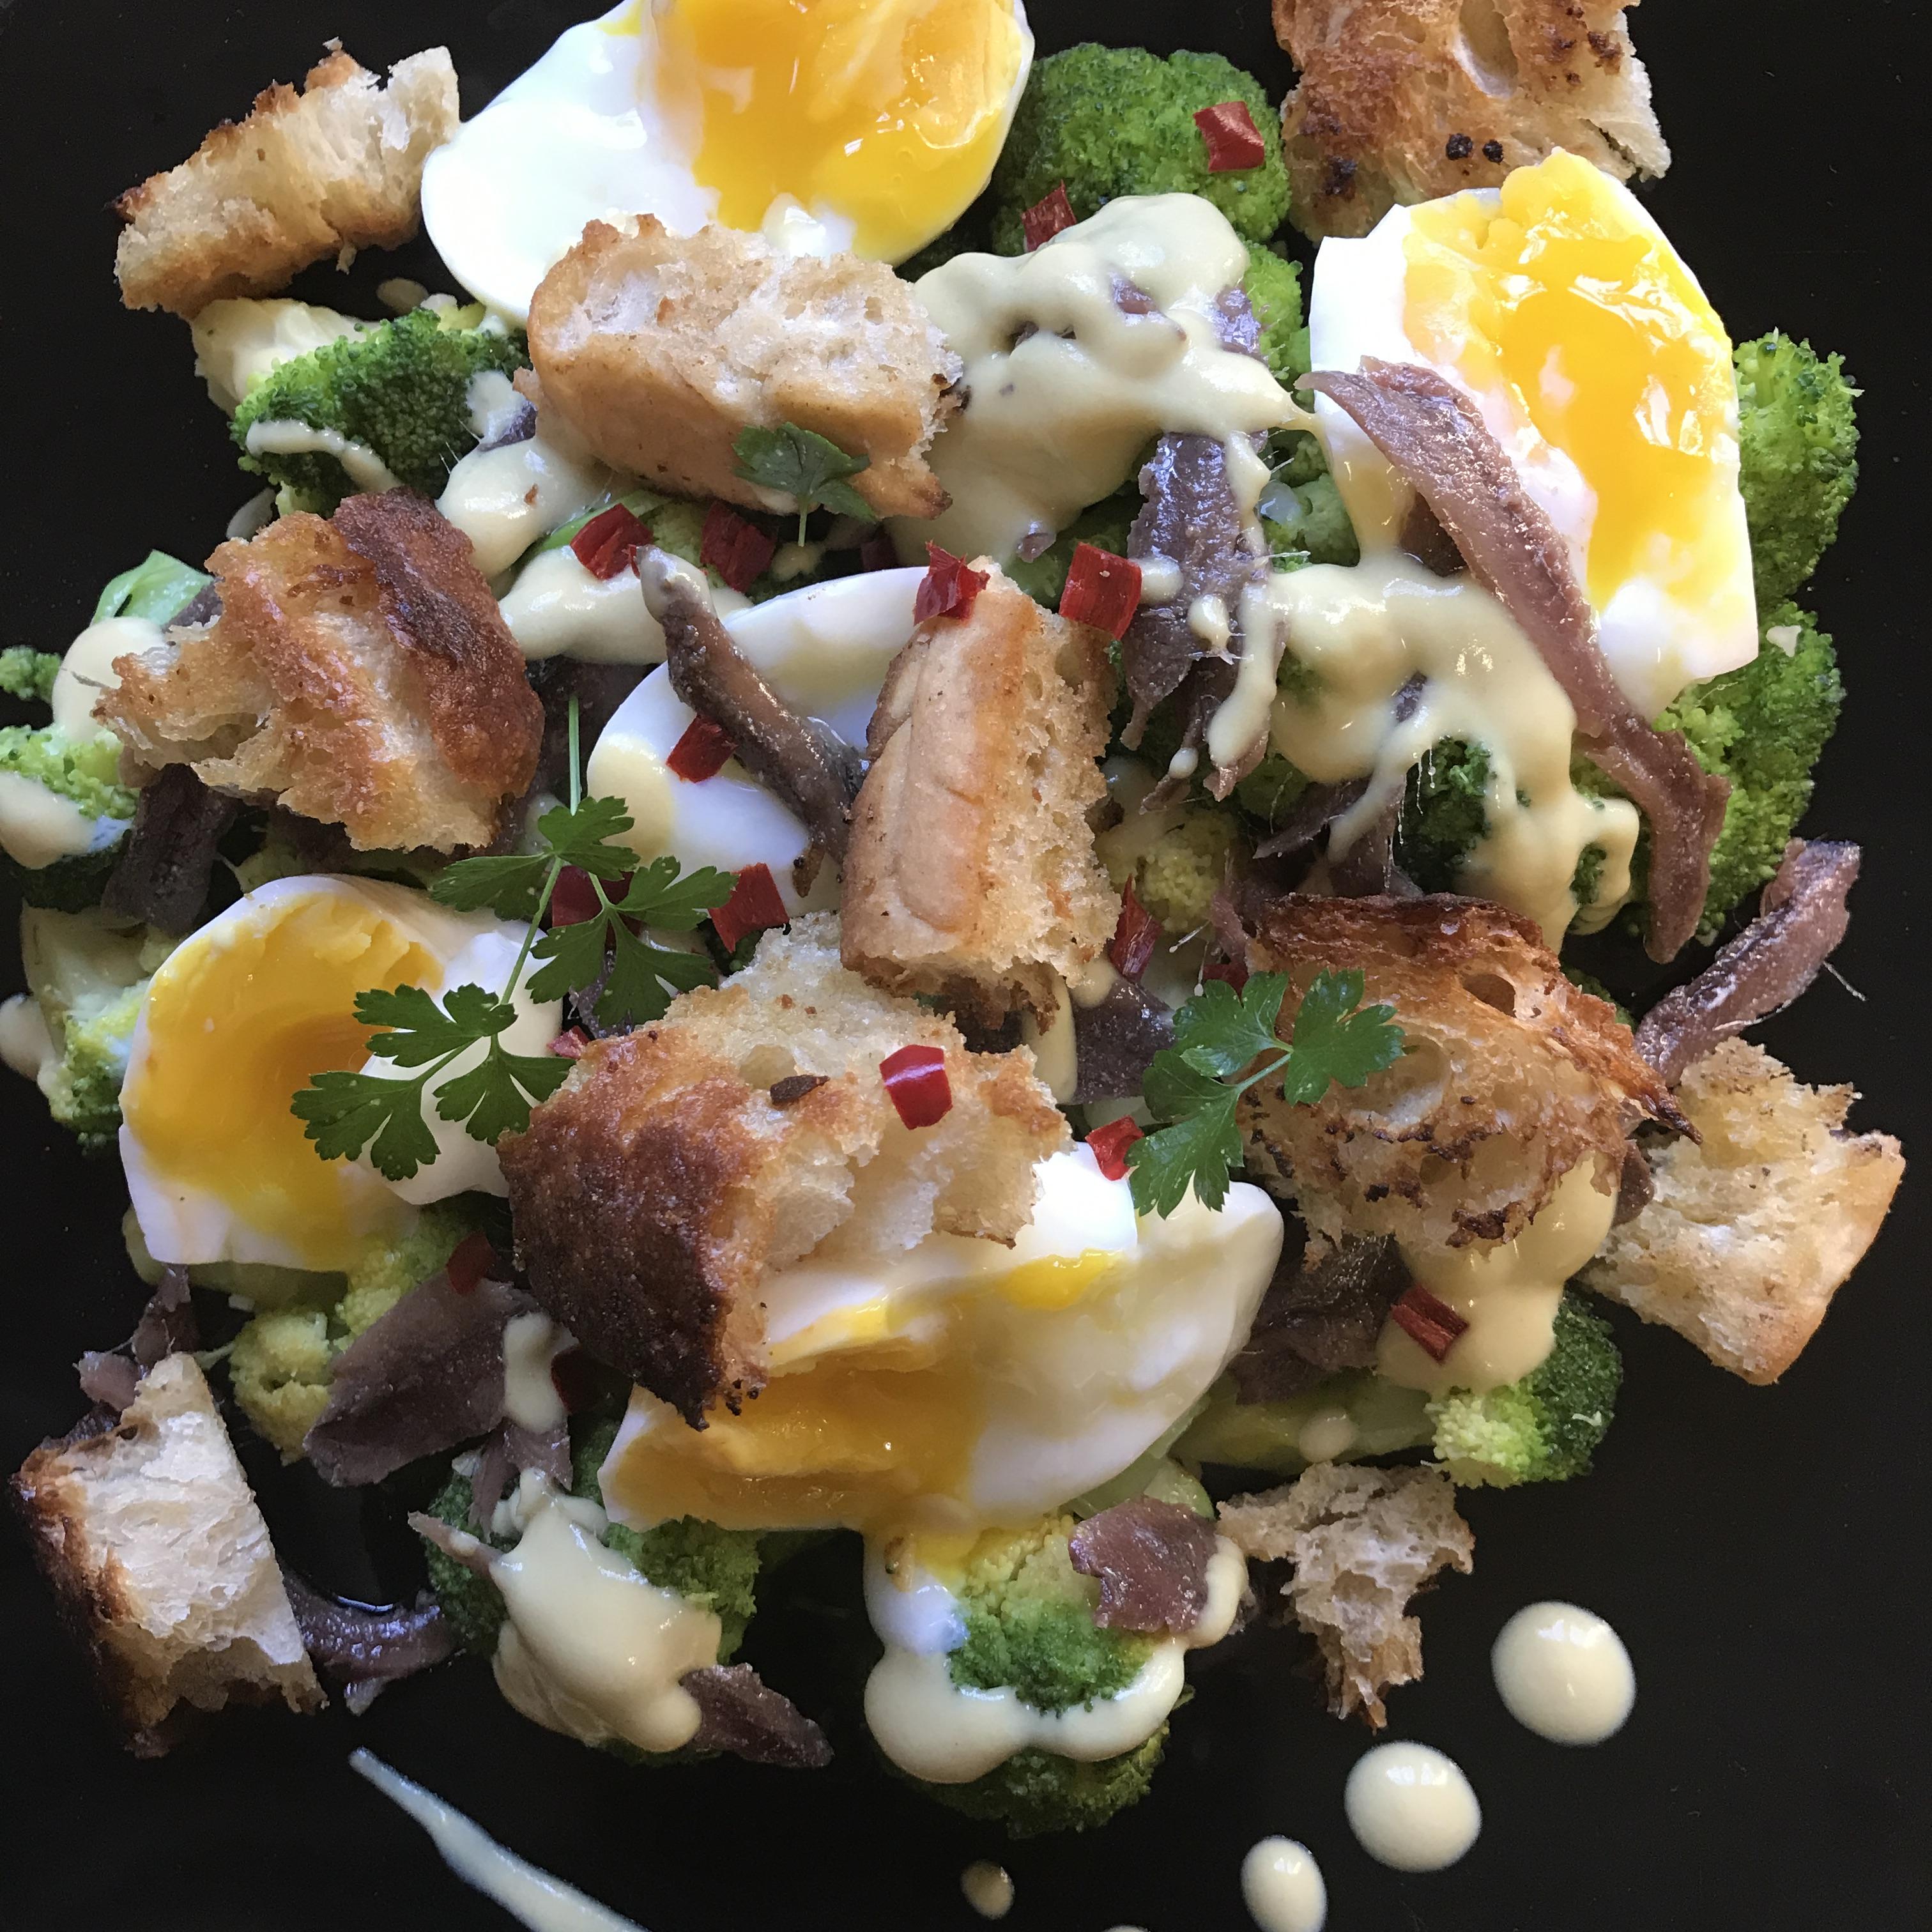 Broccoli & Boiled Egg Salad